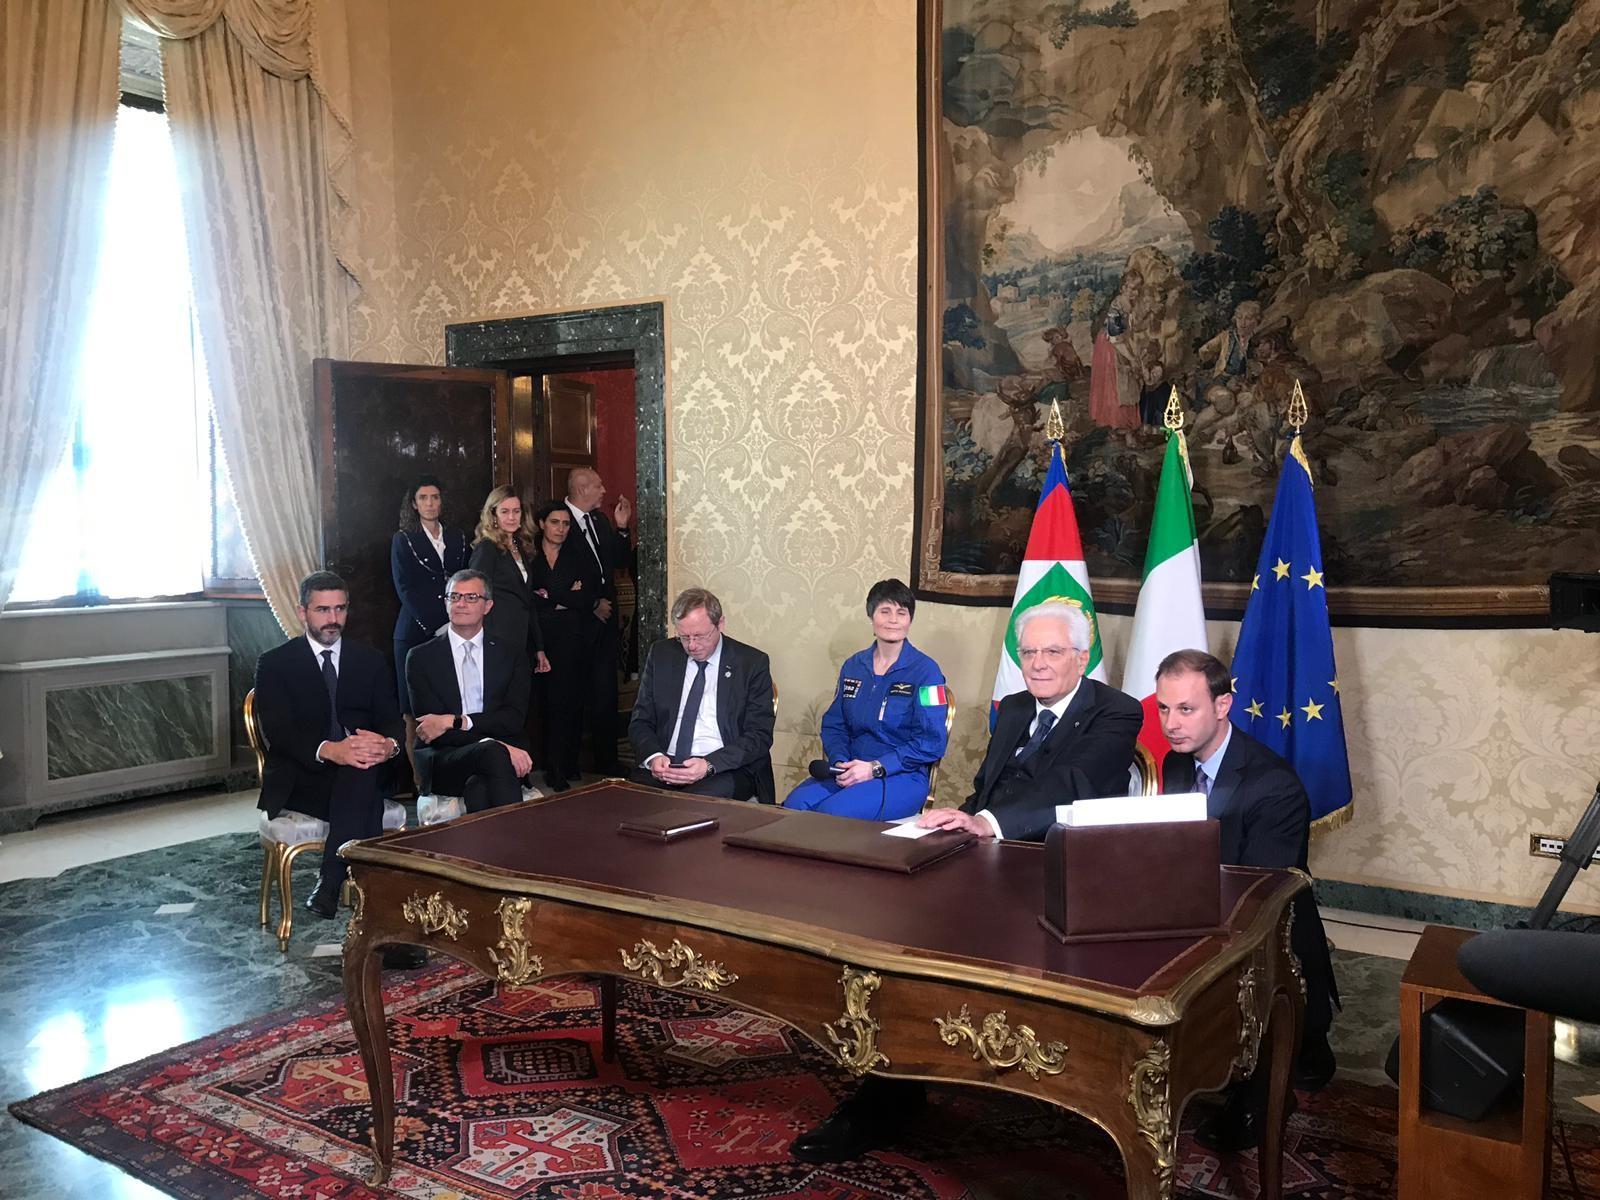 ASI - Parmitano a colloquio con Mattarella